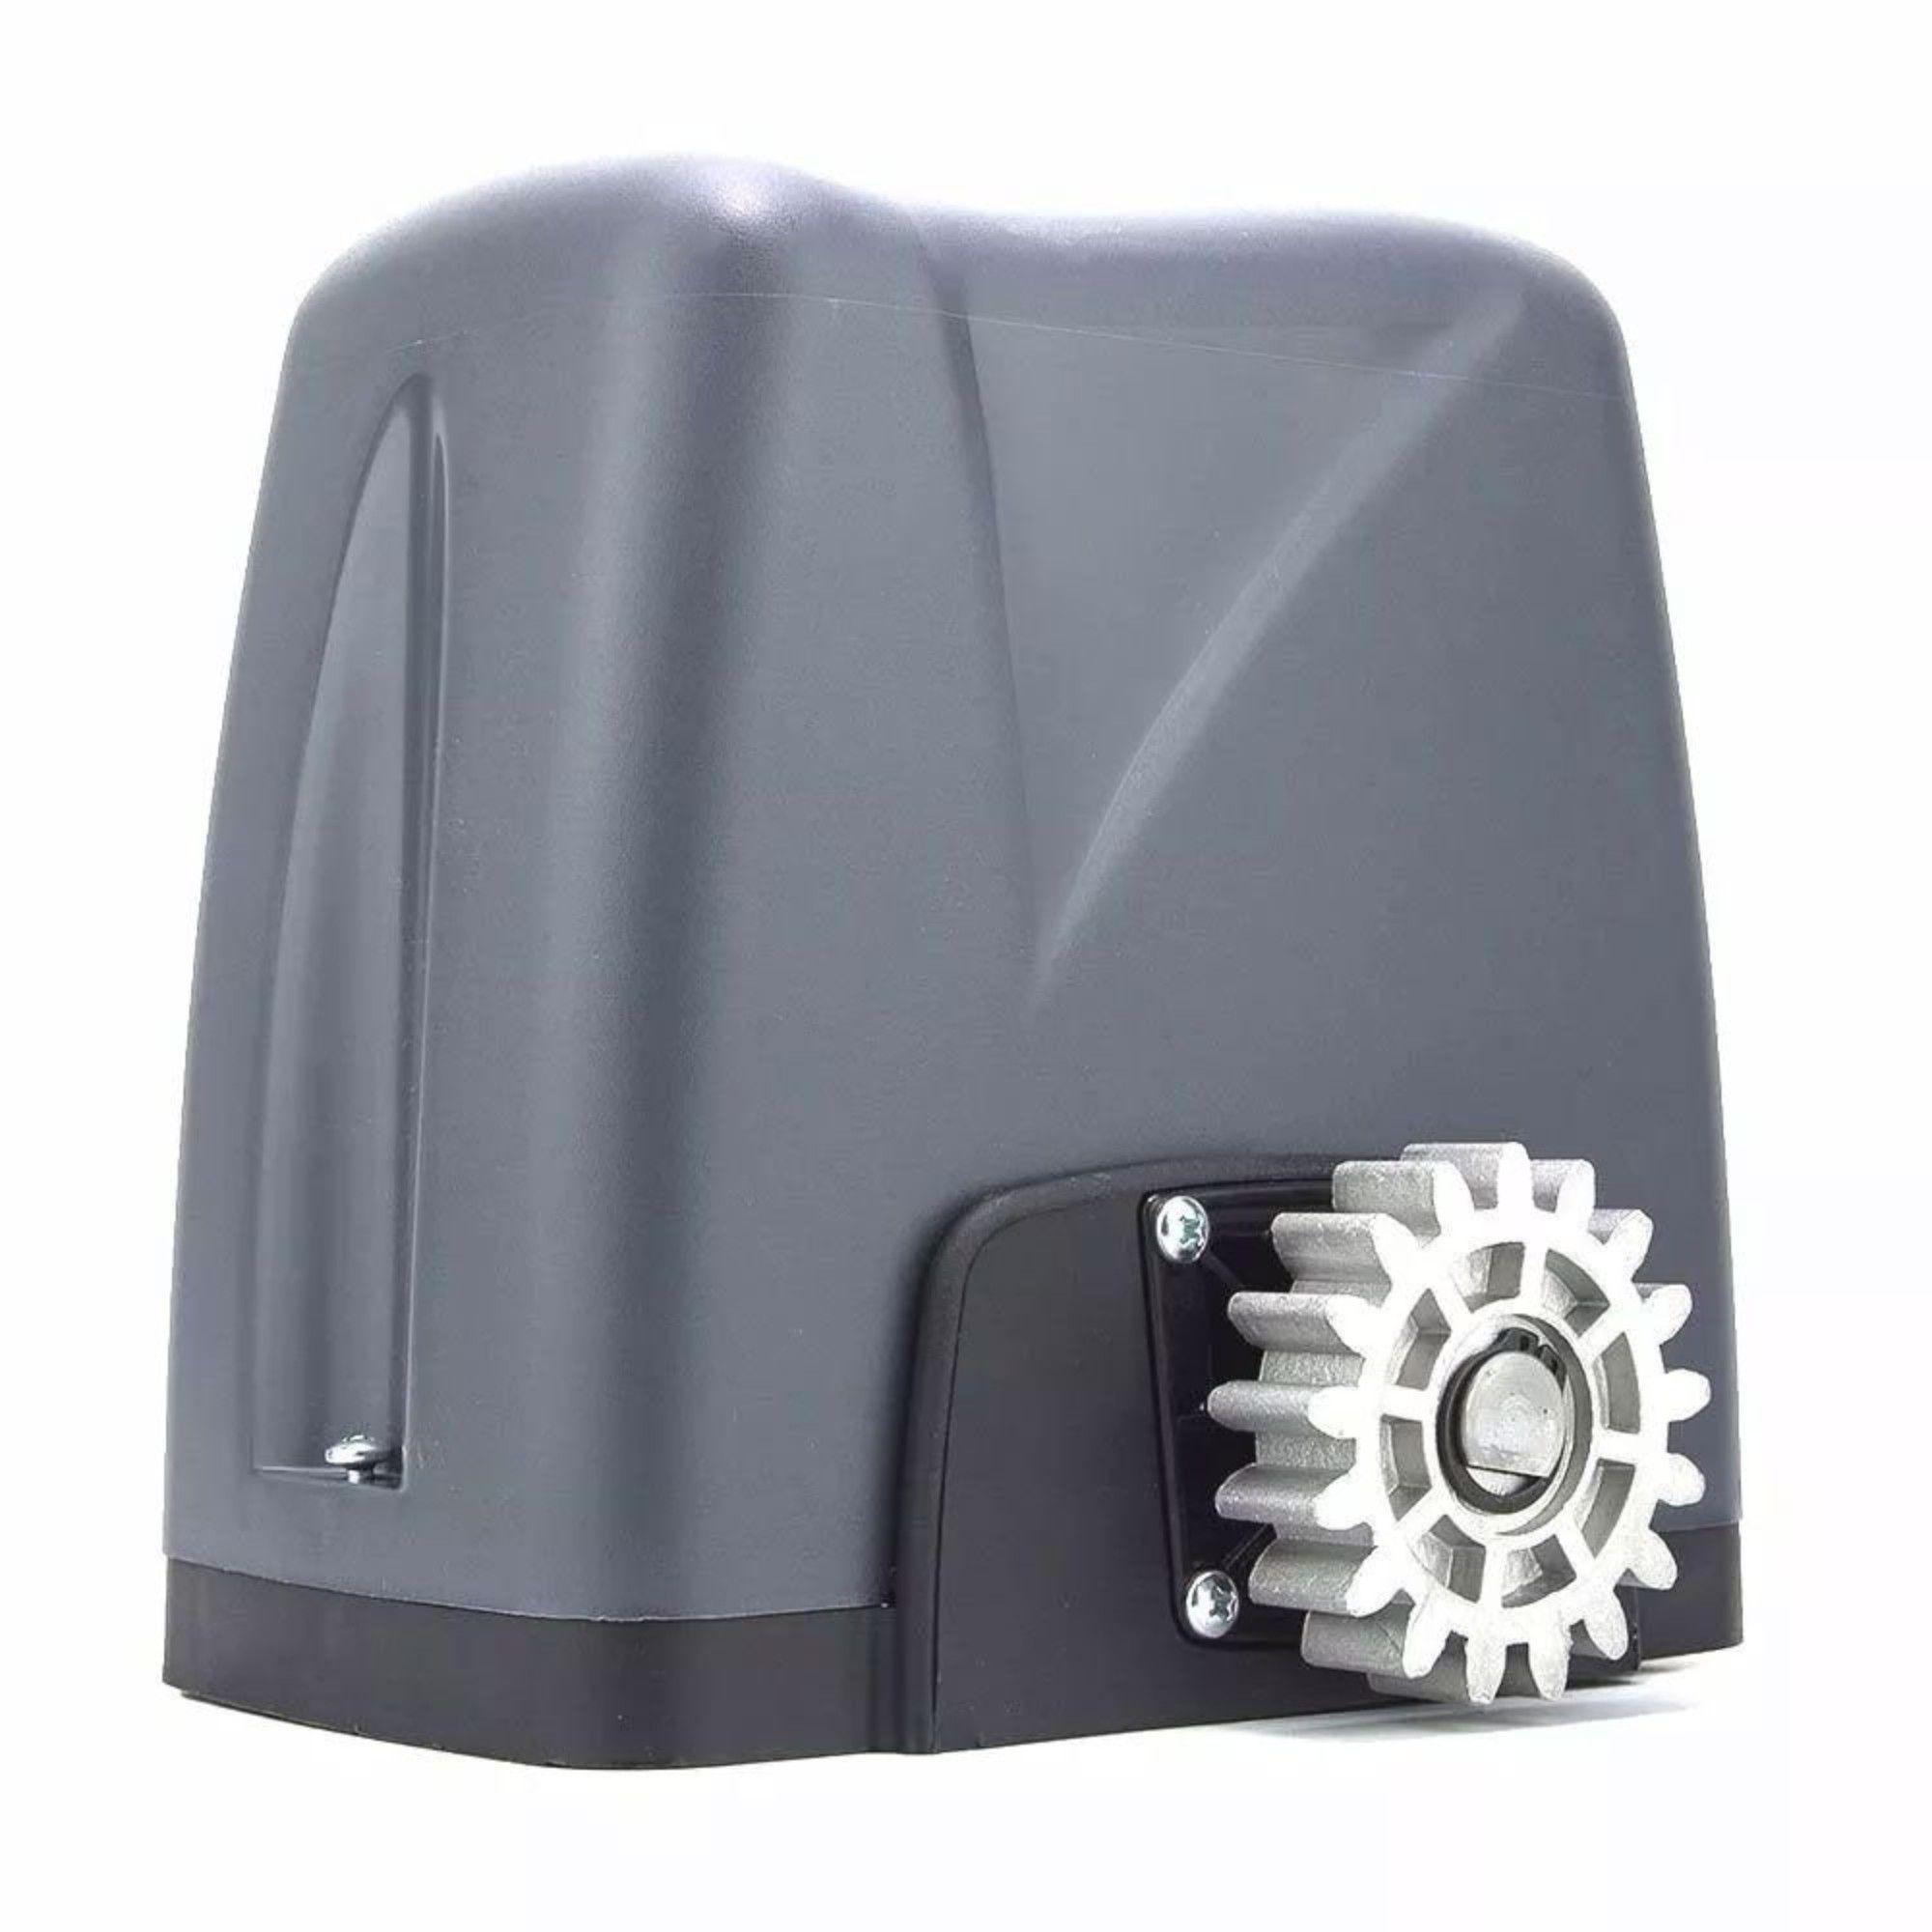 motor-portao-rossi-dz-nano-turbo-600kg-1/4-deslizante-automatico-de-correr-eletronico-com-abertura-rapida-02